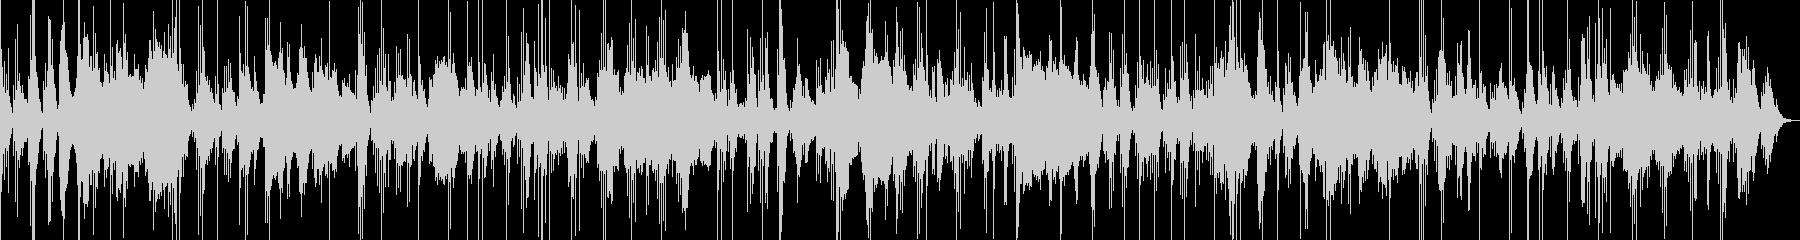 琴と尺八の合奏曲の未再生の波形